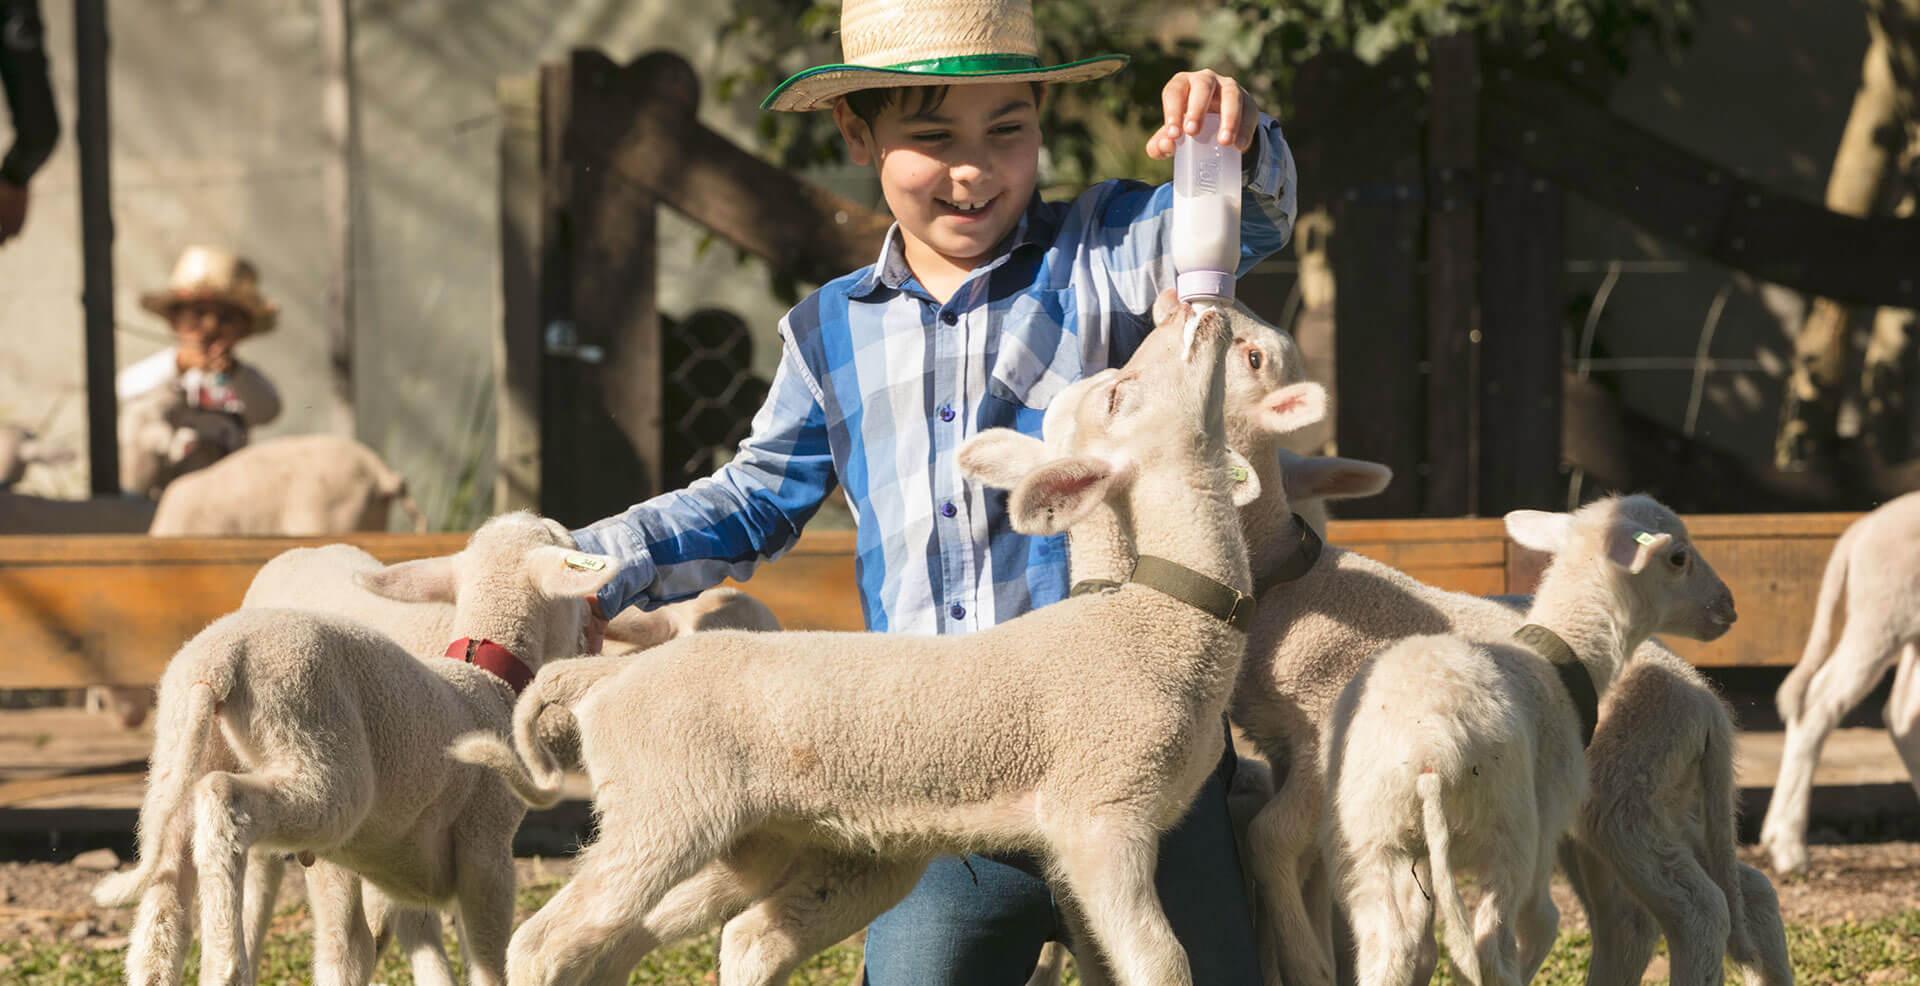 Menino amamentando ovelhas bebês